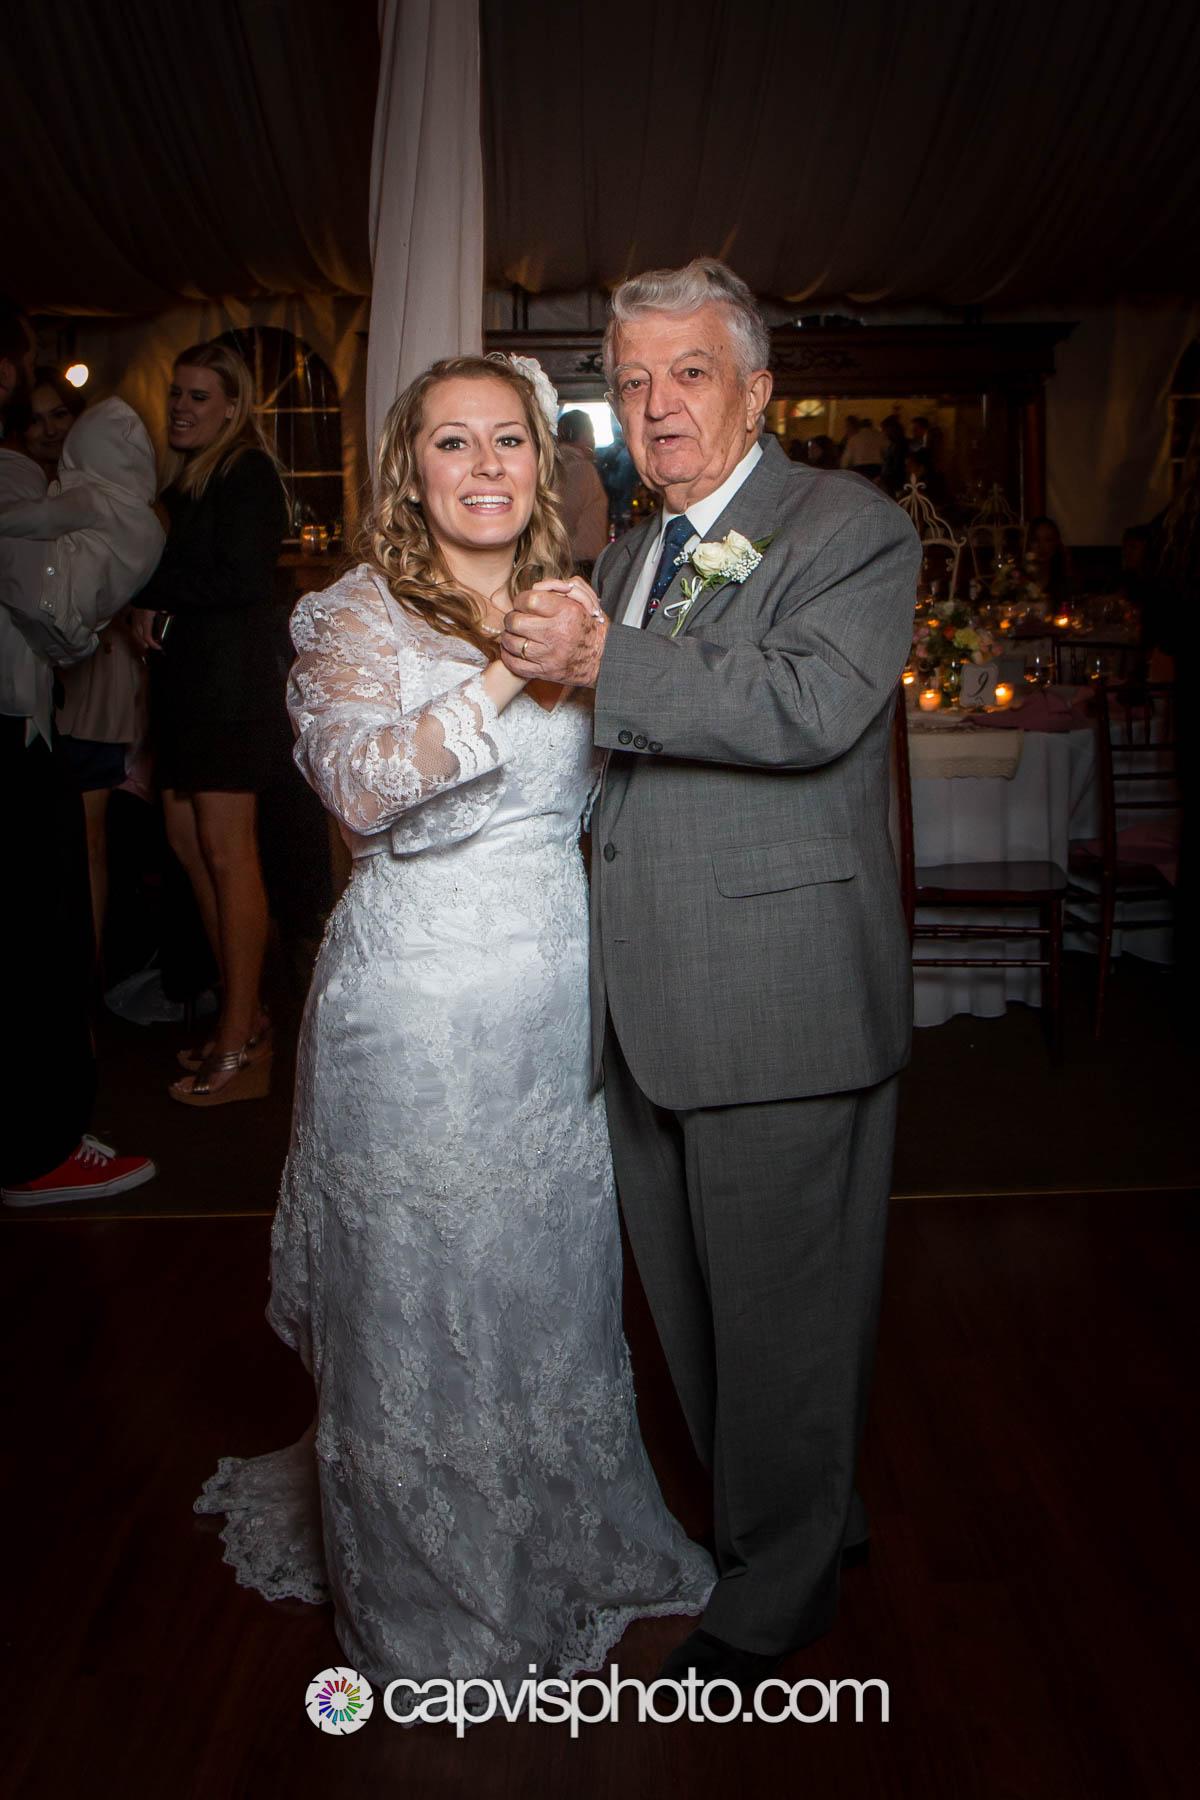 Grangruth Wedding (41 of 52).jpg